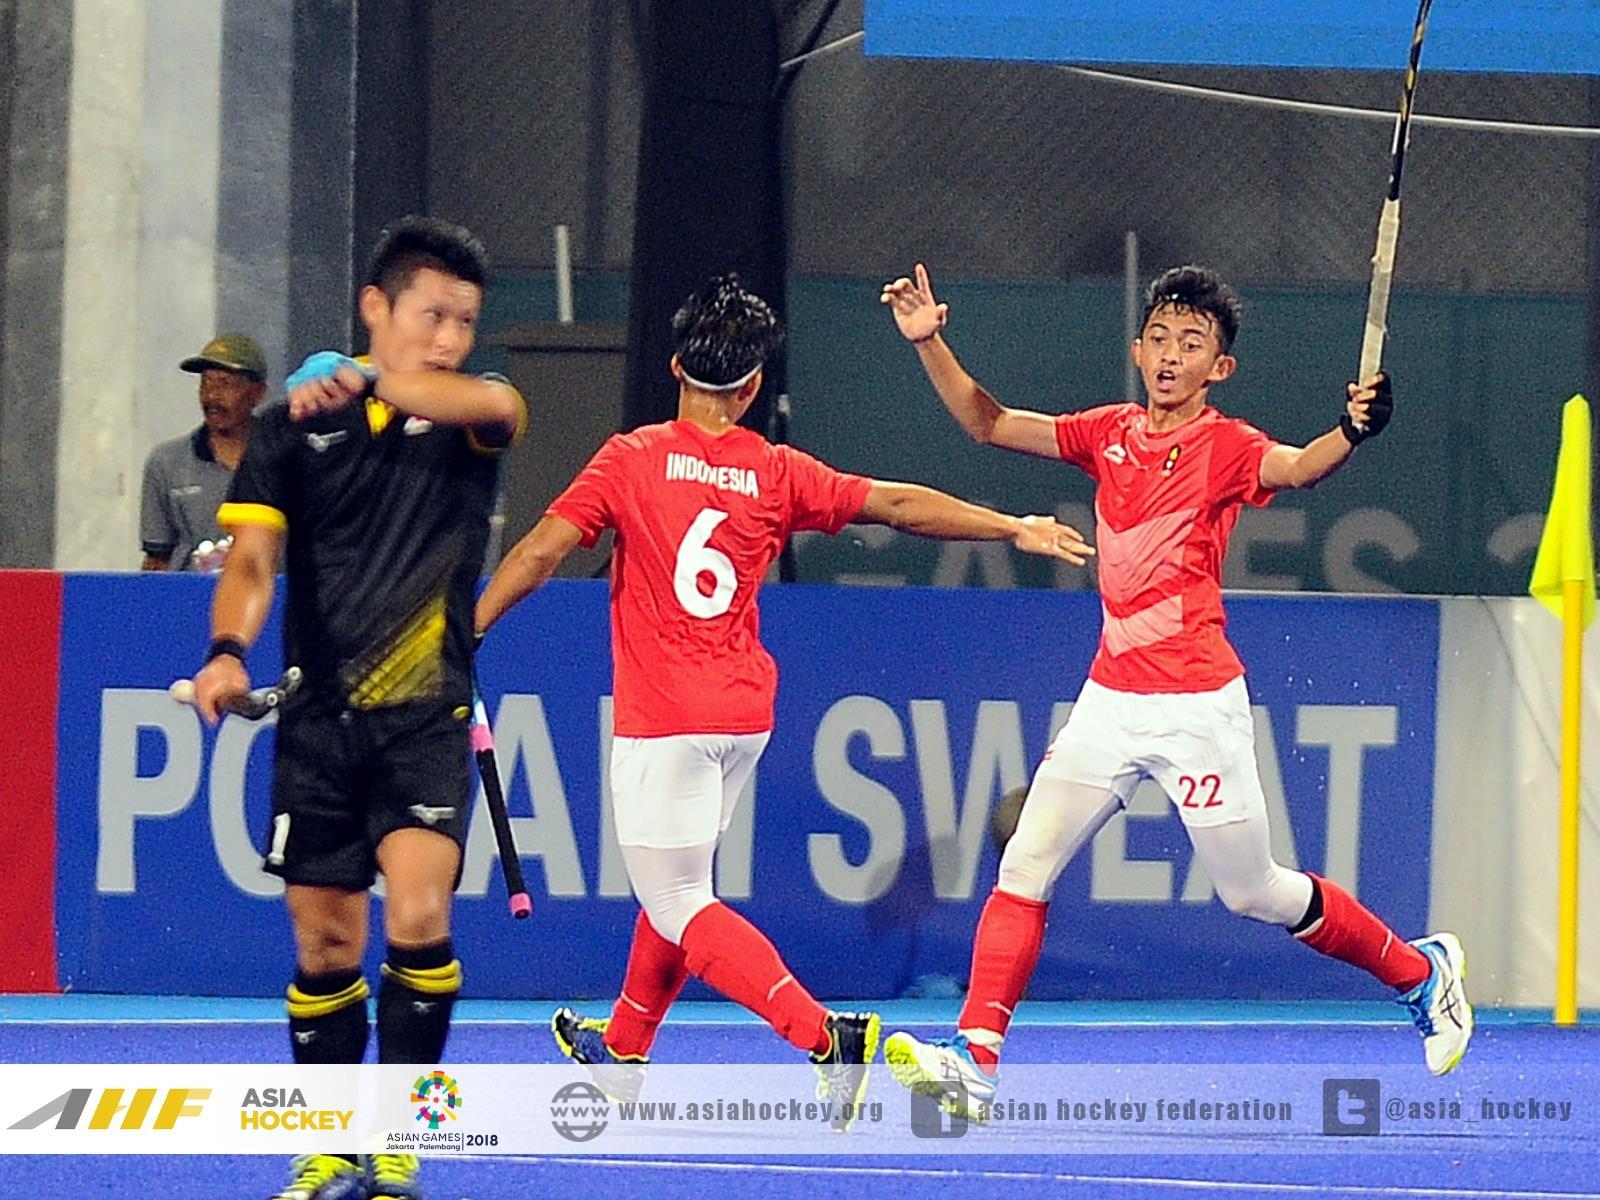 日本に得点を決めたインドネシア選手